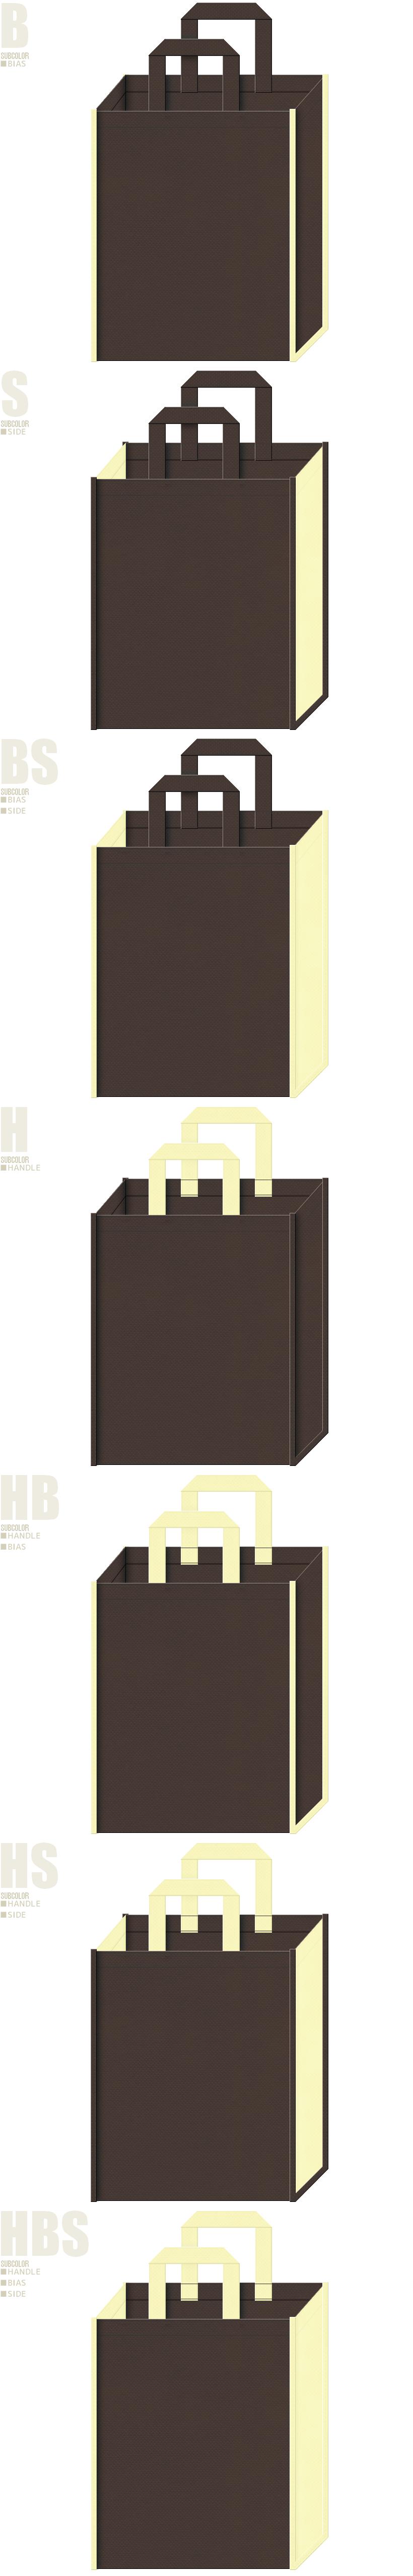 ベーカリー・クリームパン・コーヒー用品の展示会用バッグにお奨めの不織布バッグデザイン:こげ茶色と薄黄色の不織布バッグ配色7パターン。